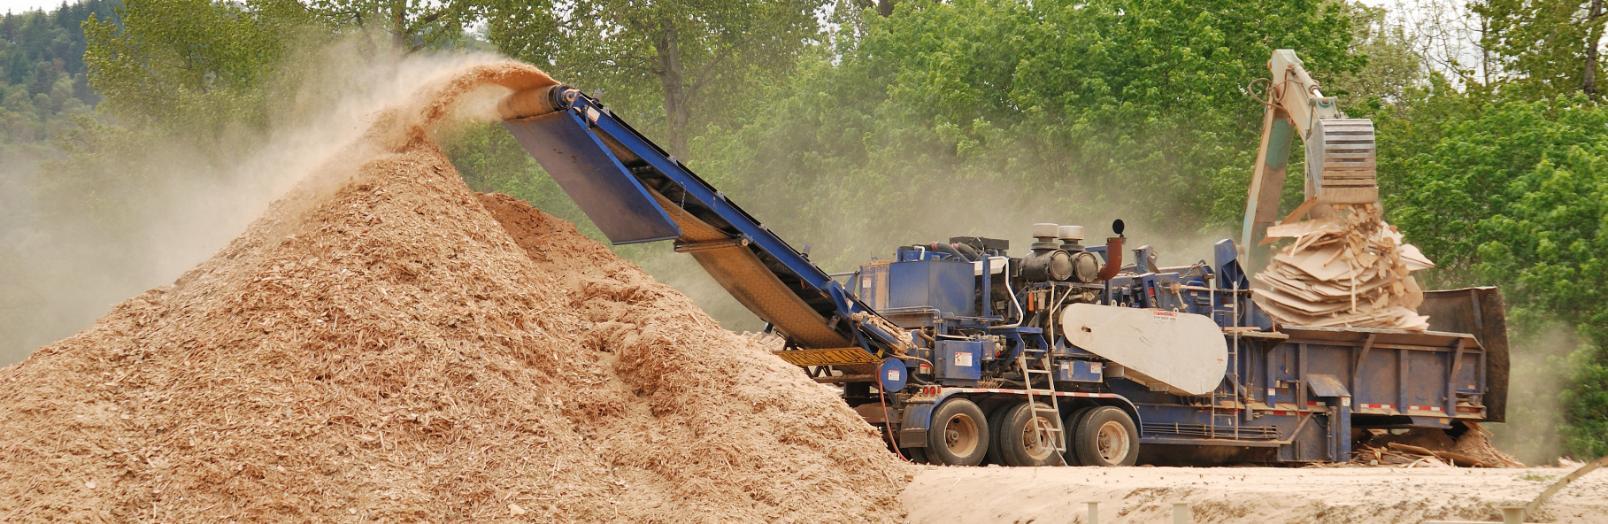 Смазки для лесоперерабатывающих производств, бумажных фабрик и пеллетных производств